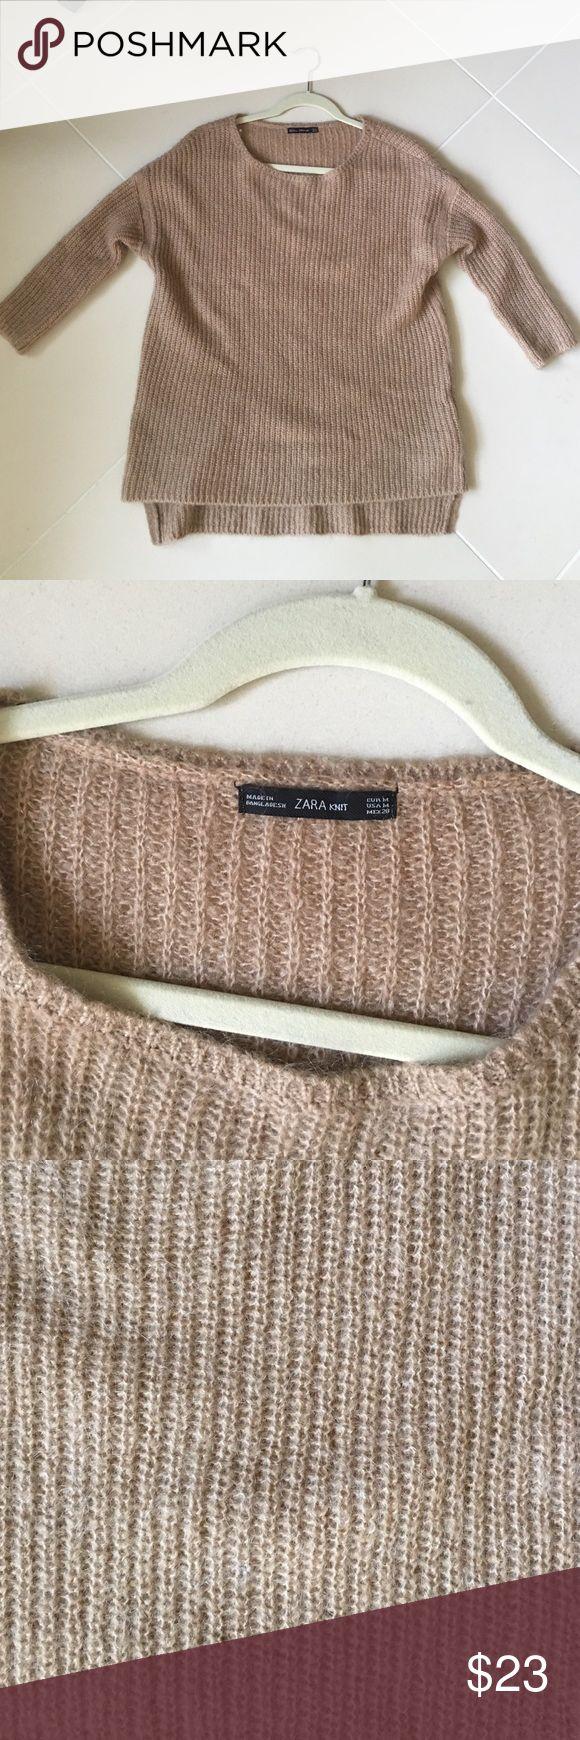 Zara Camel jumper sweater Camel knitwear from zara knit collection Zara Sweaters